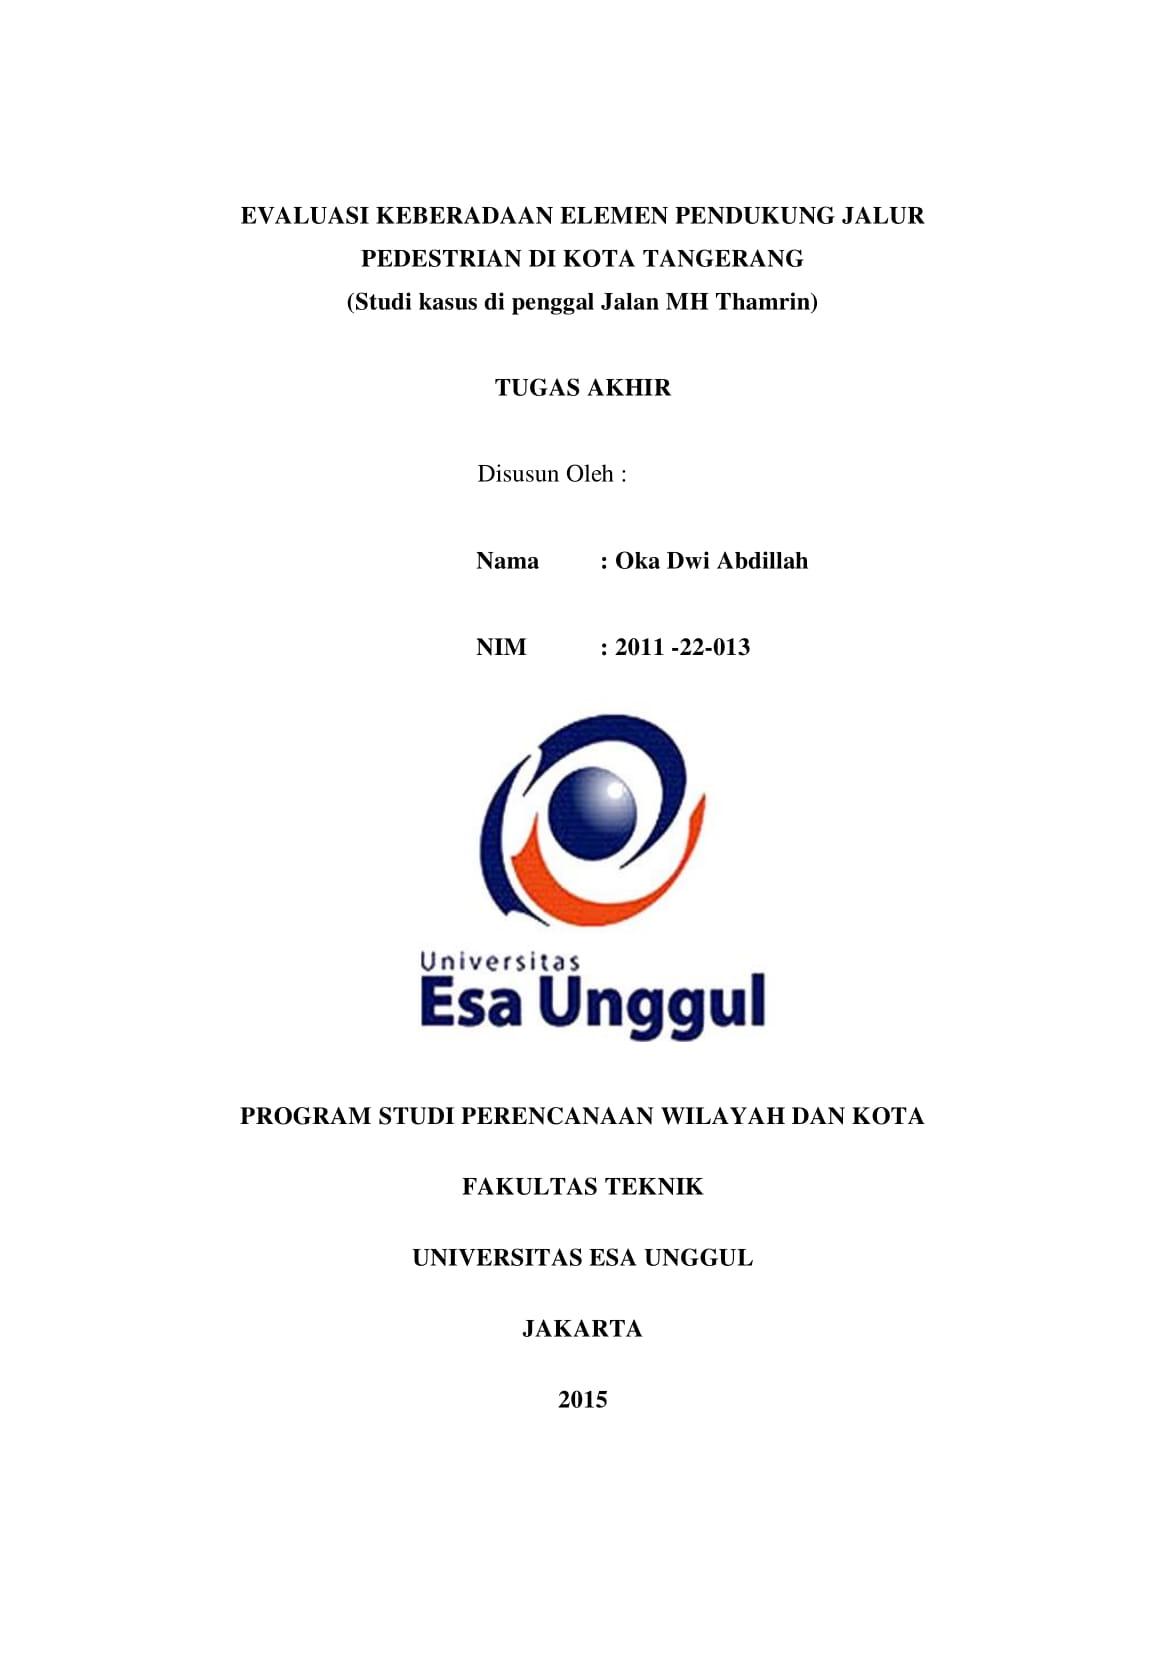 Evaluasi Keberadaan Elemen Pendukung Jalur Pedestrian di Kota Tangerang (Studi Kasus di Penggal Jalan MH Thamrin)